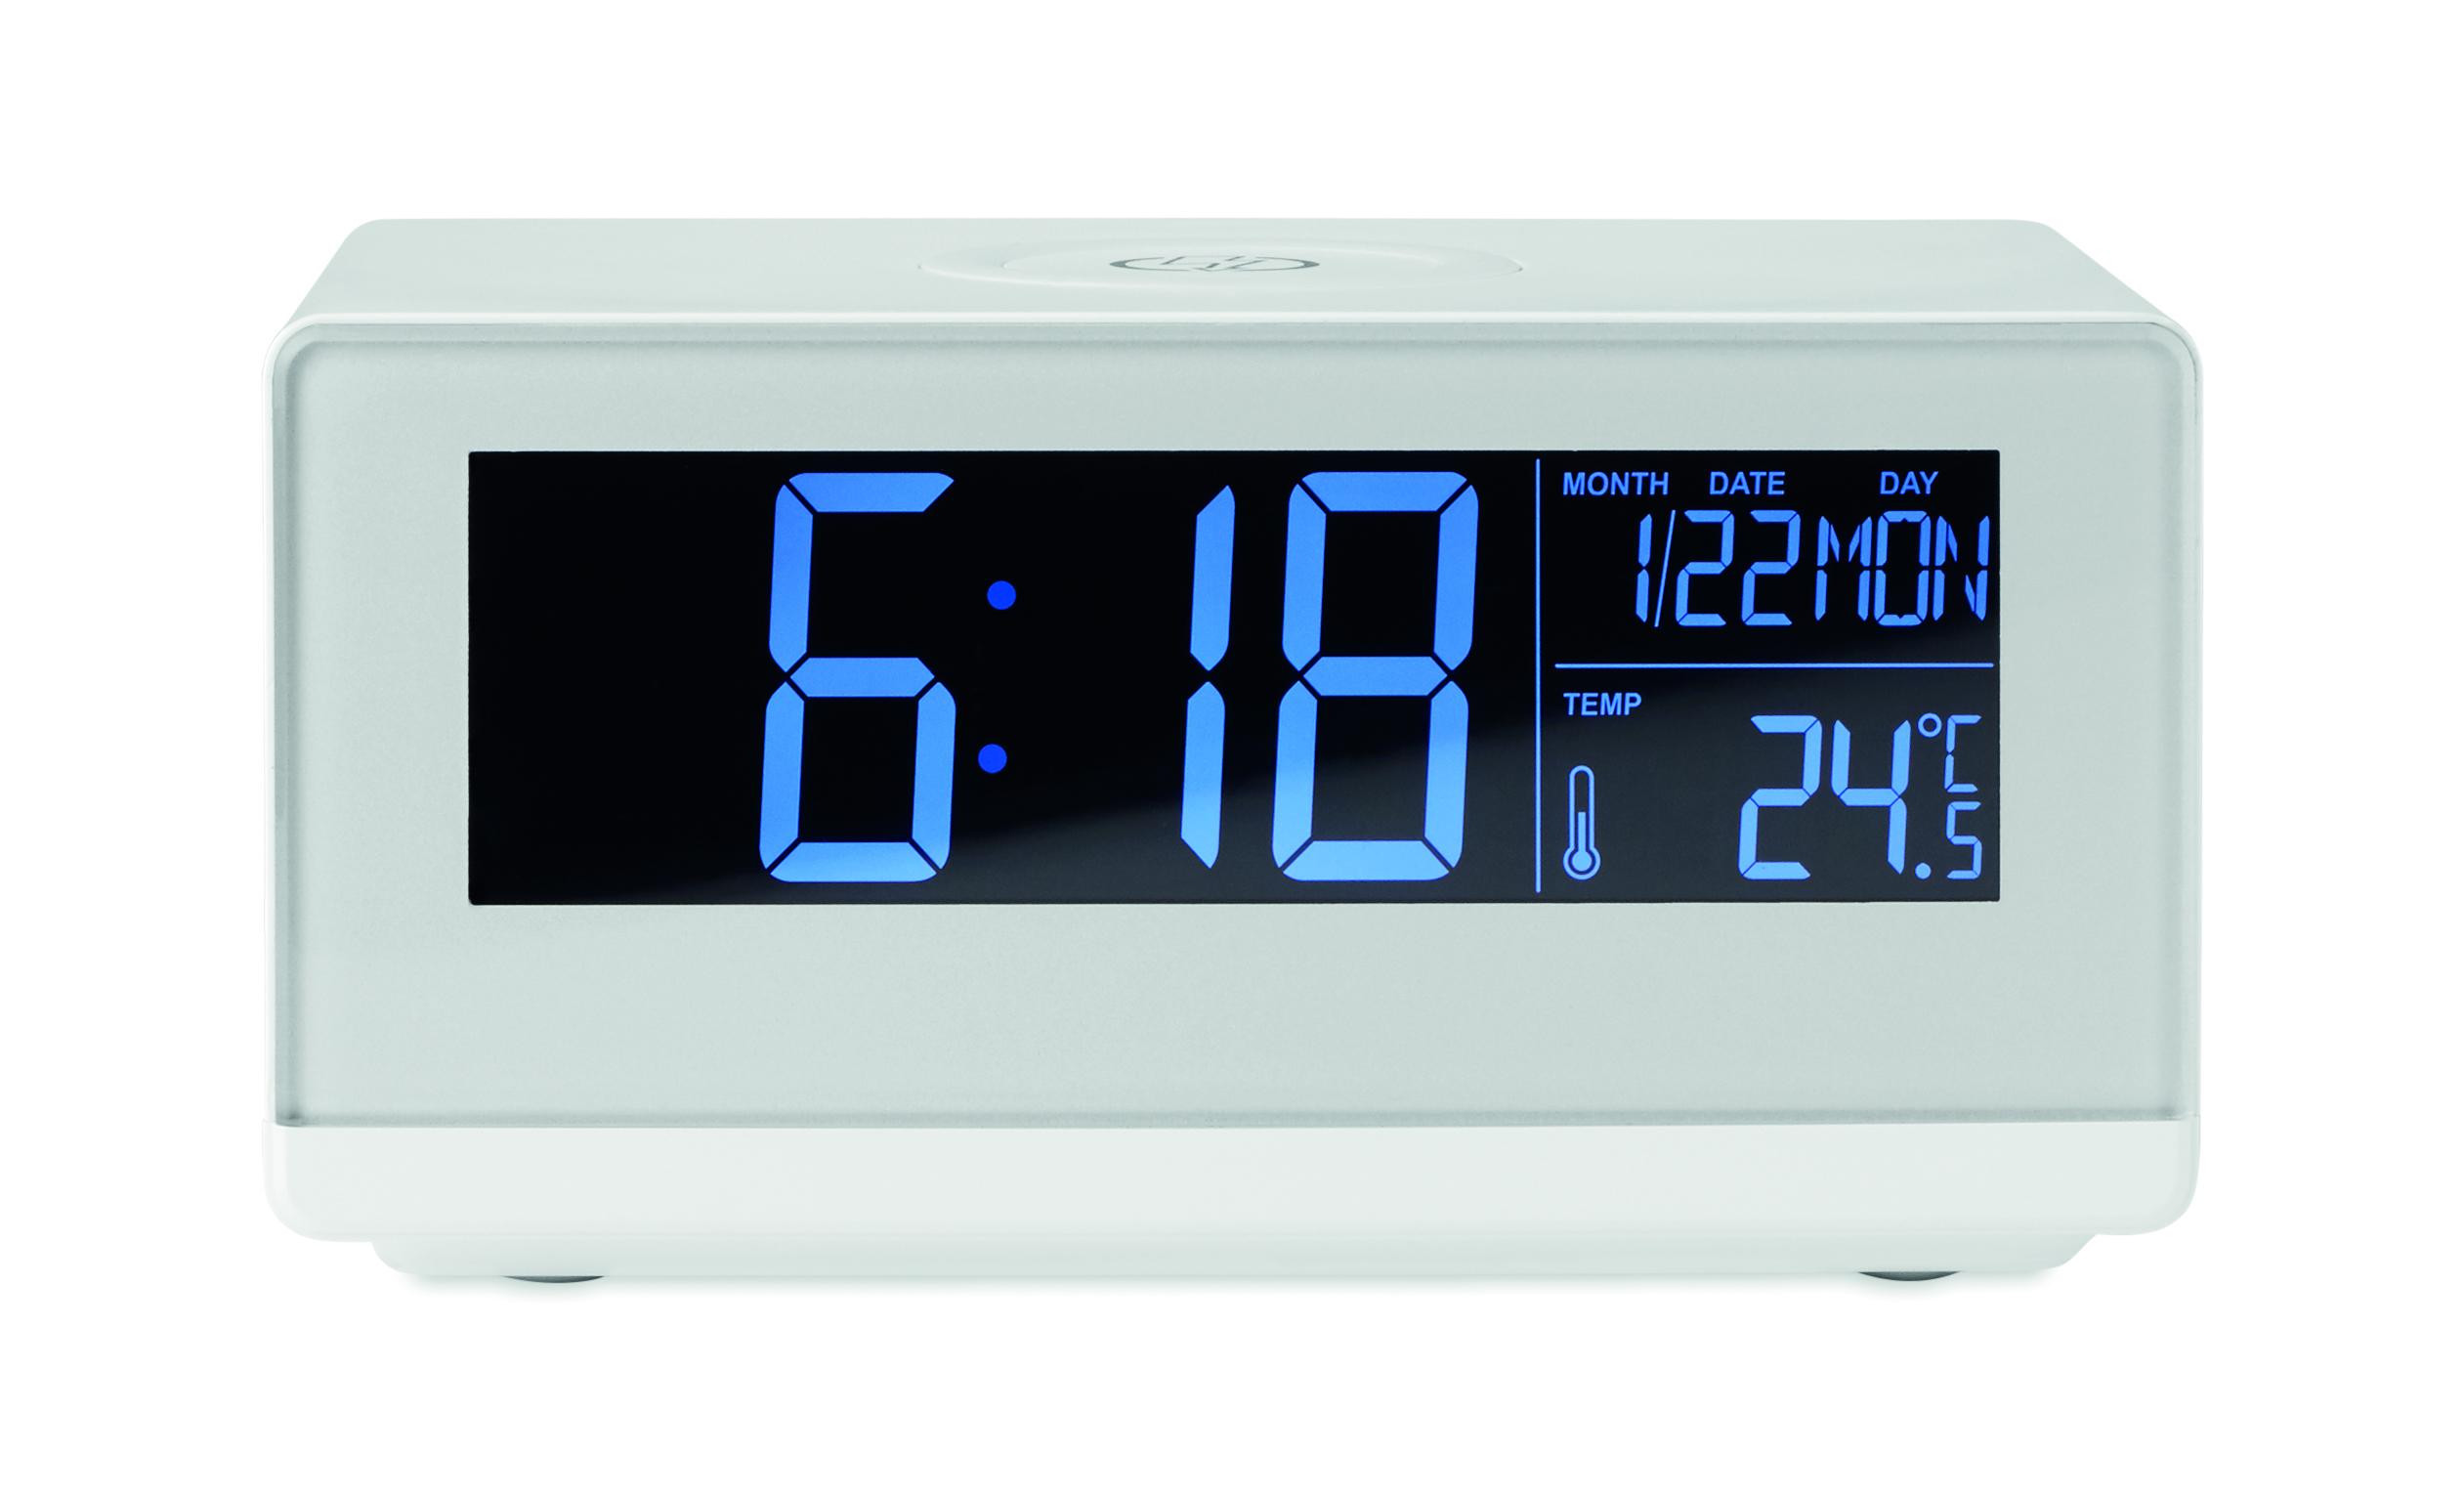 Horloge LED et chargeur sans fil - 6-1725-9